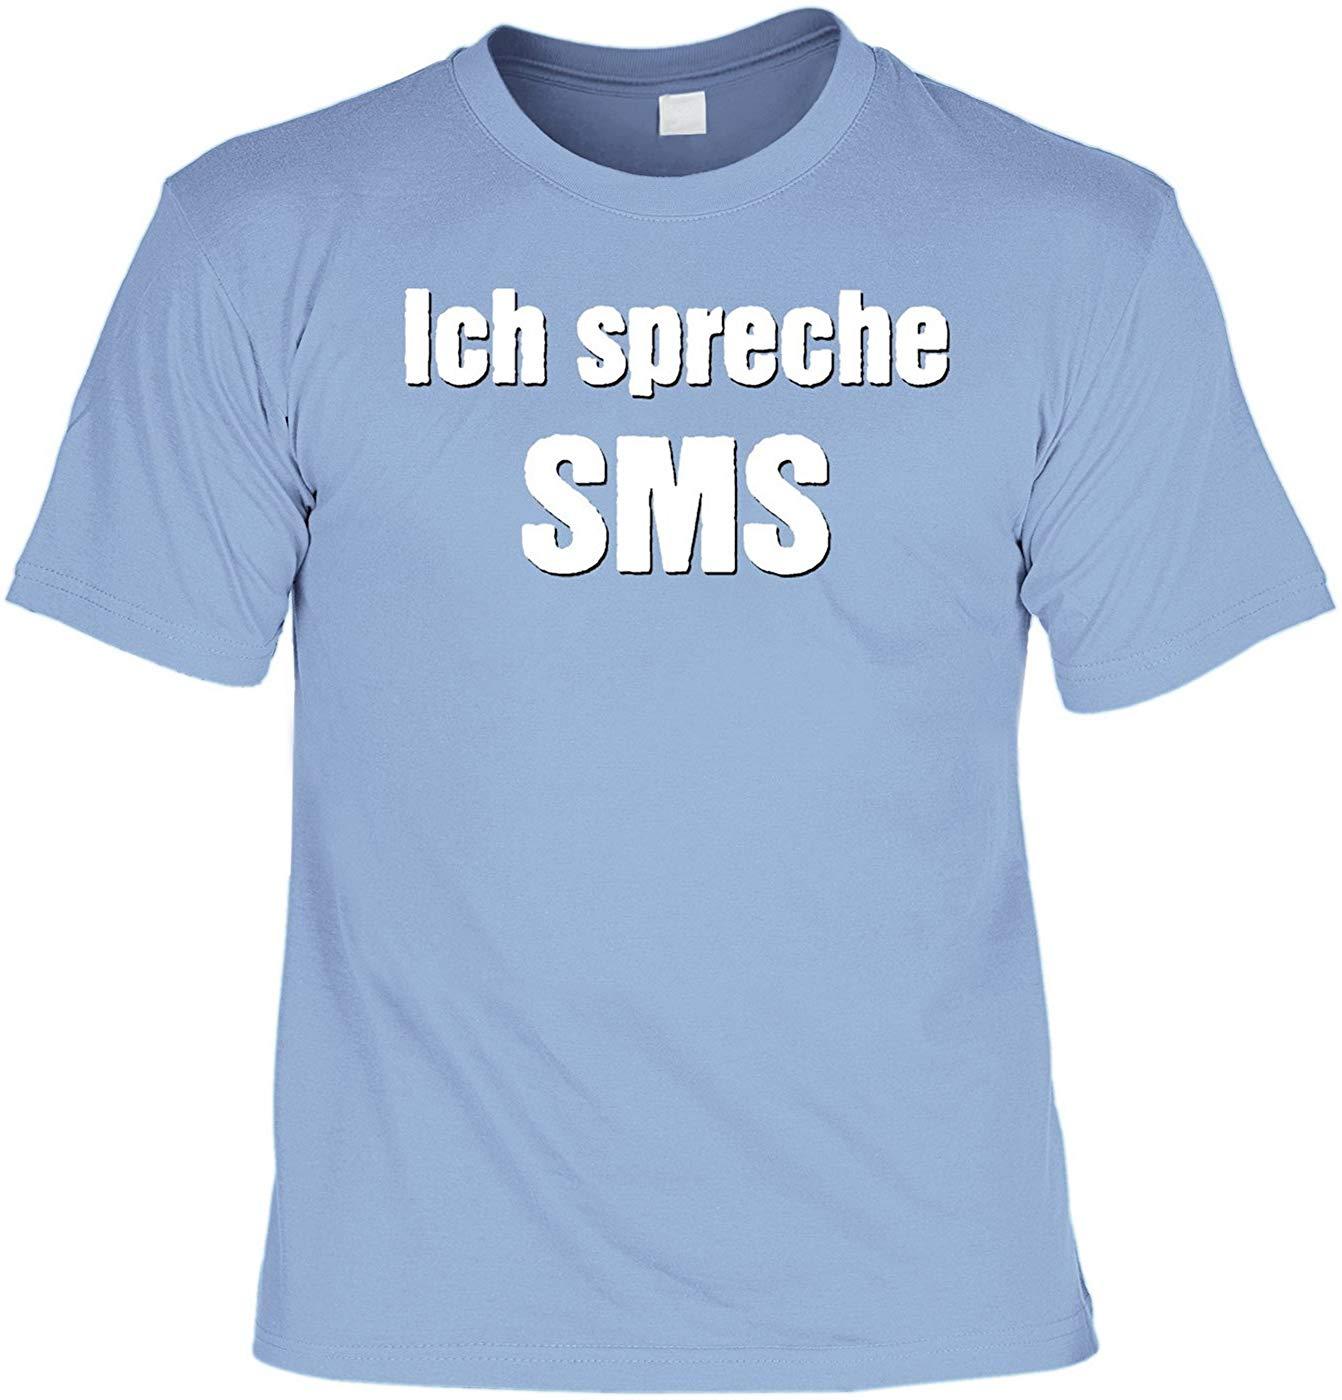 Full Size of Sprüche T Shirt 40 Geburtstag Feuerwehr Sprüche T Shirt Fussball Sprüche T Shirt Sprüche T Shirt Braut Küche Sprüche T Shirt